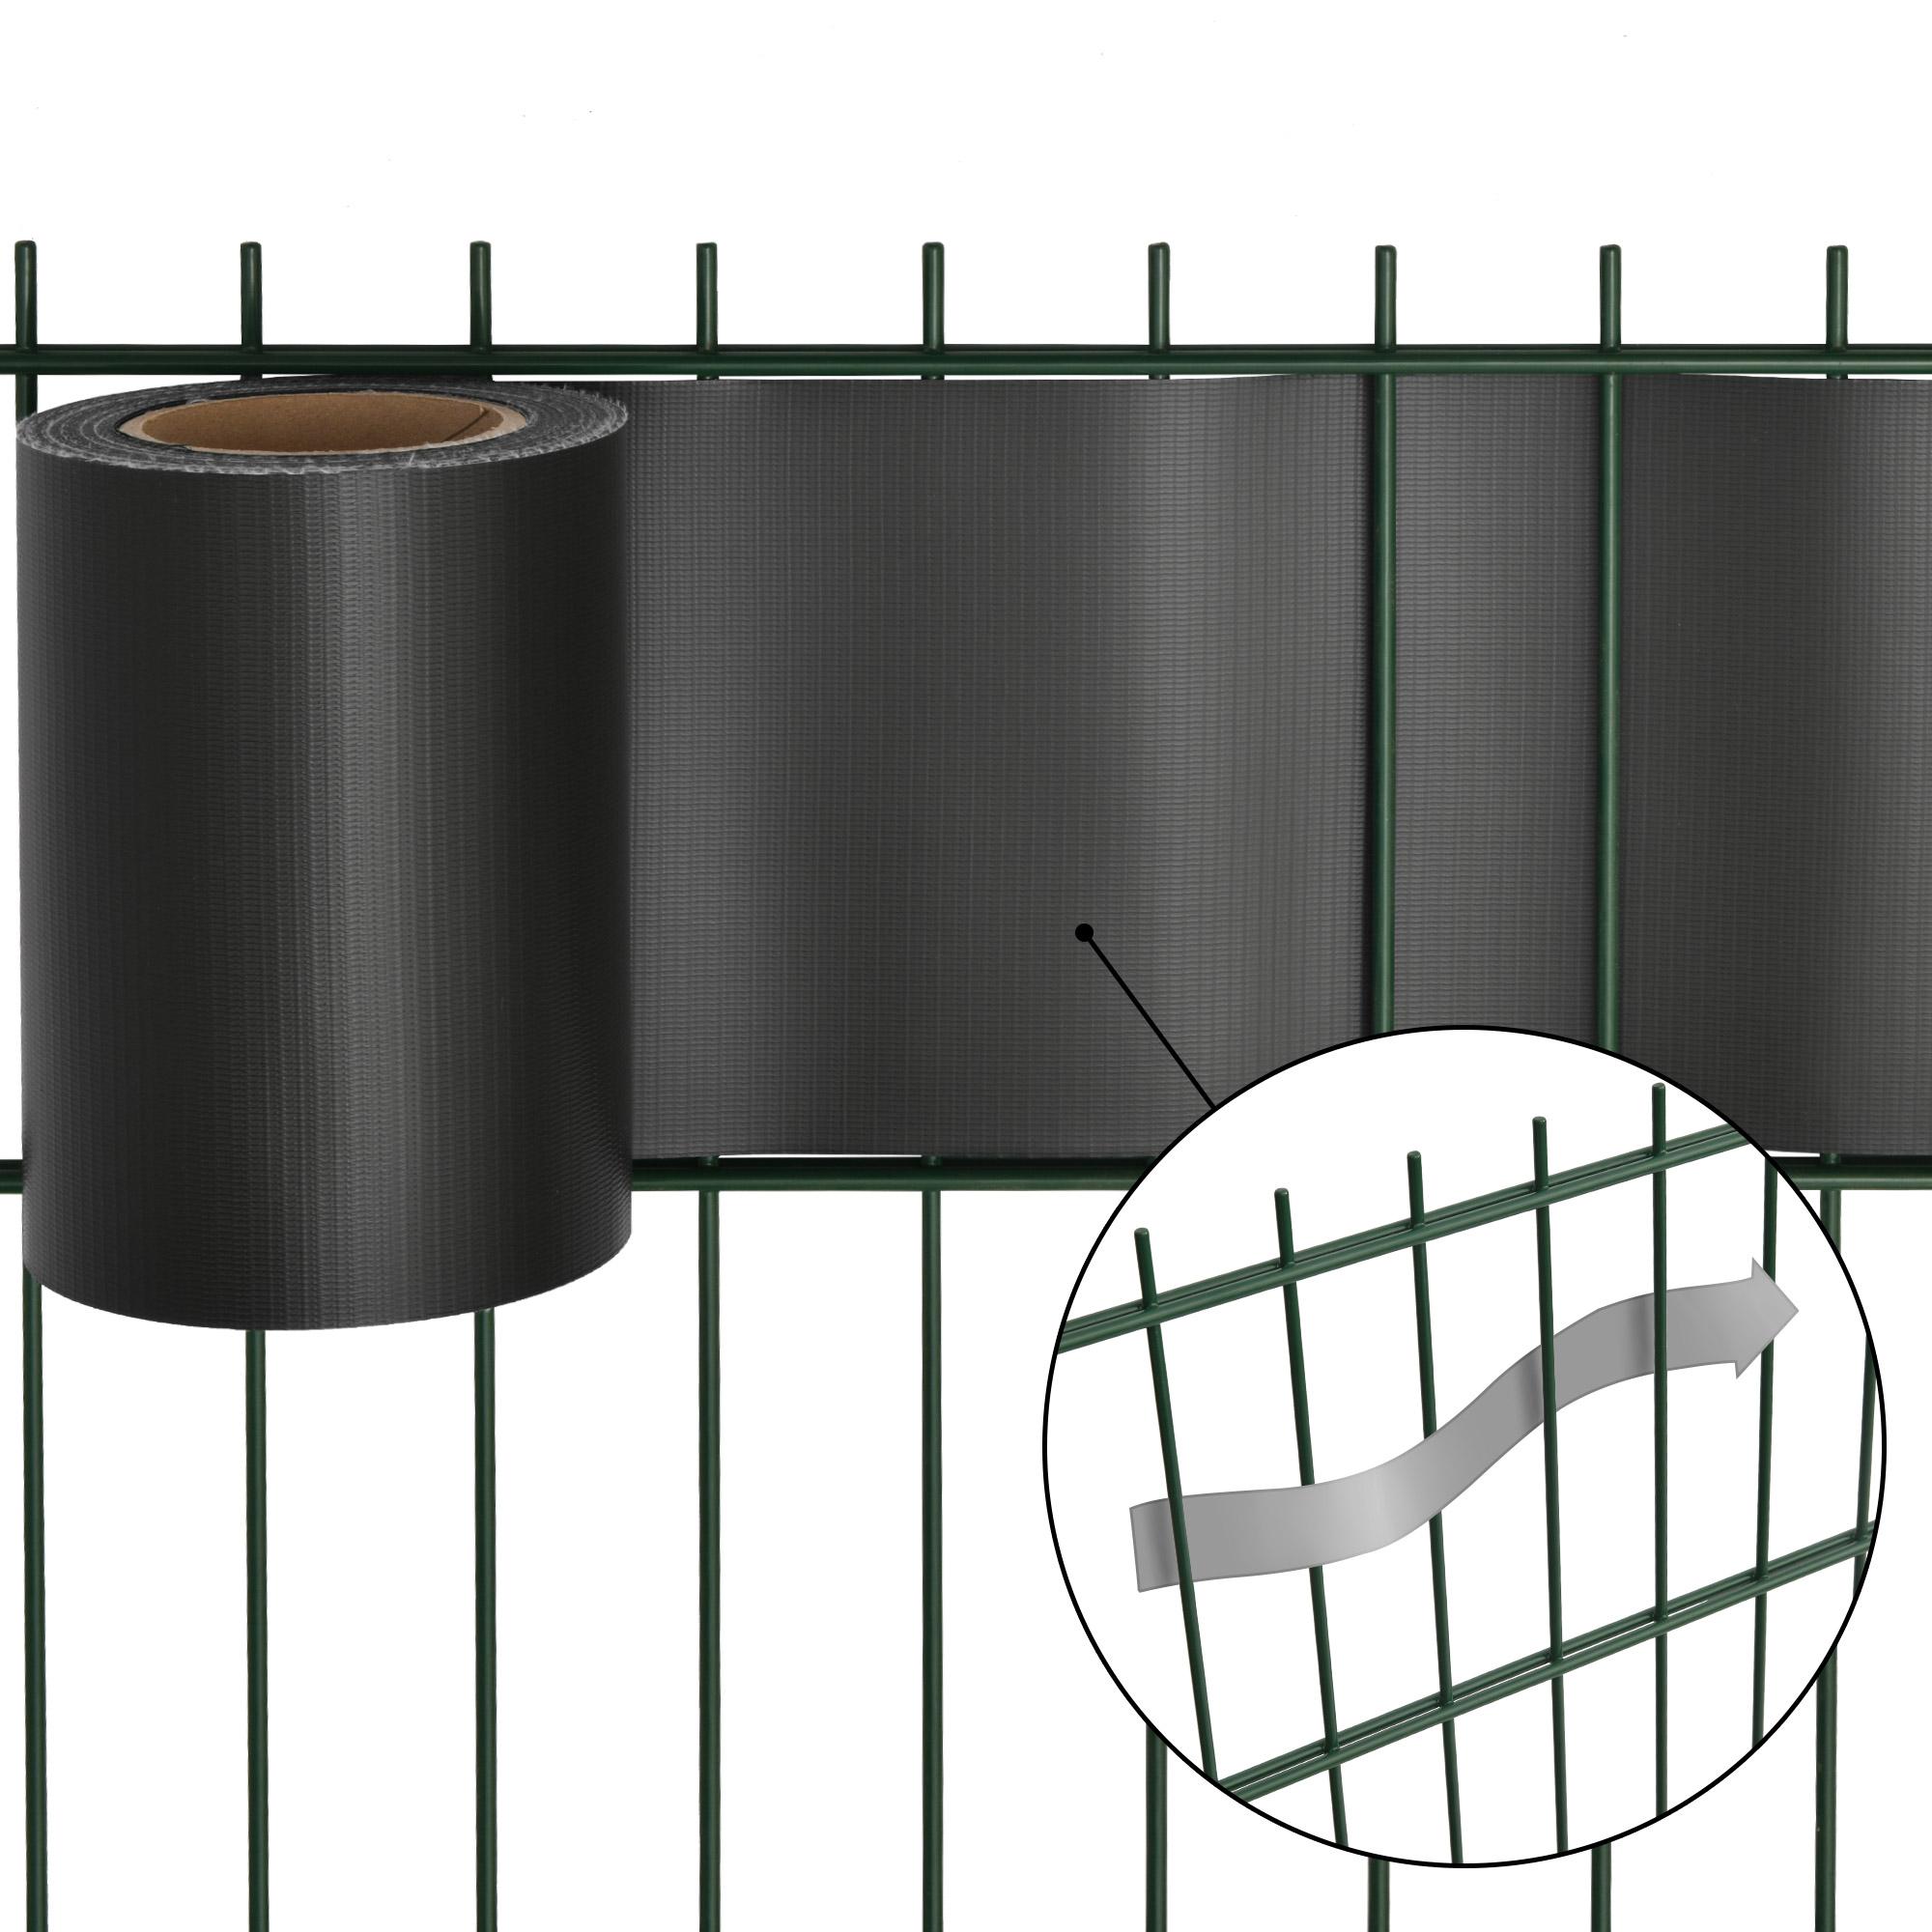 pvc sichtschutzstreifen 35m sichtschutz rolle f r doppelstabmatten zaunfolie ebay. Black Bedroom Furniture Sets. Home Design Ideas